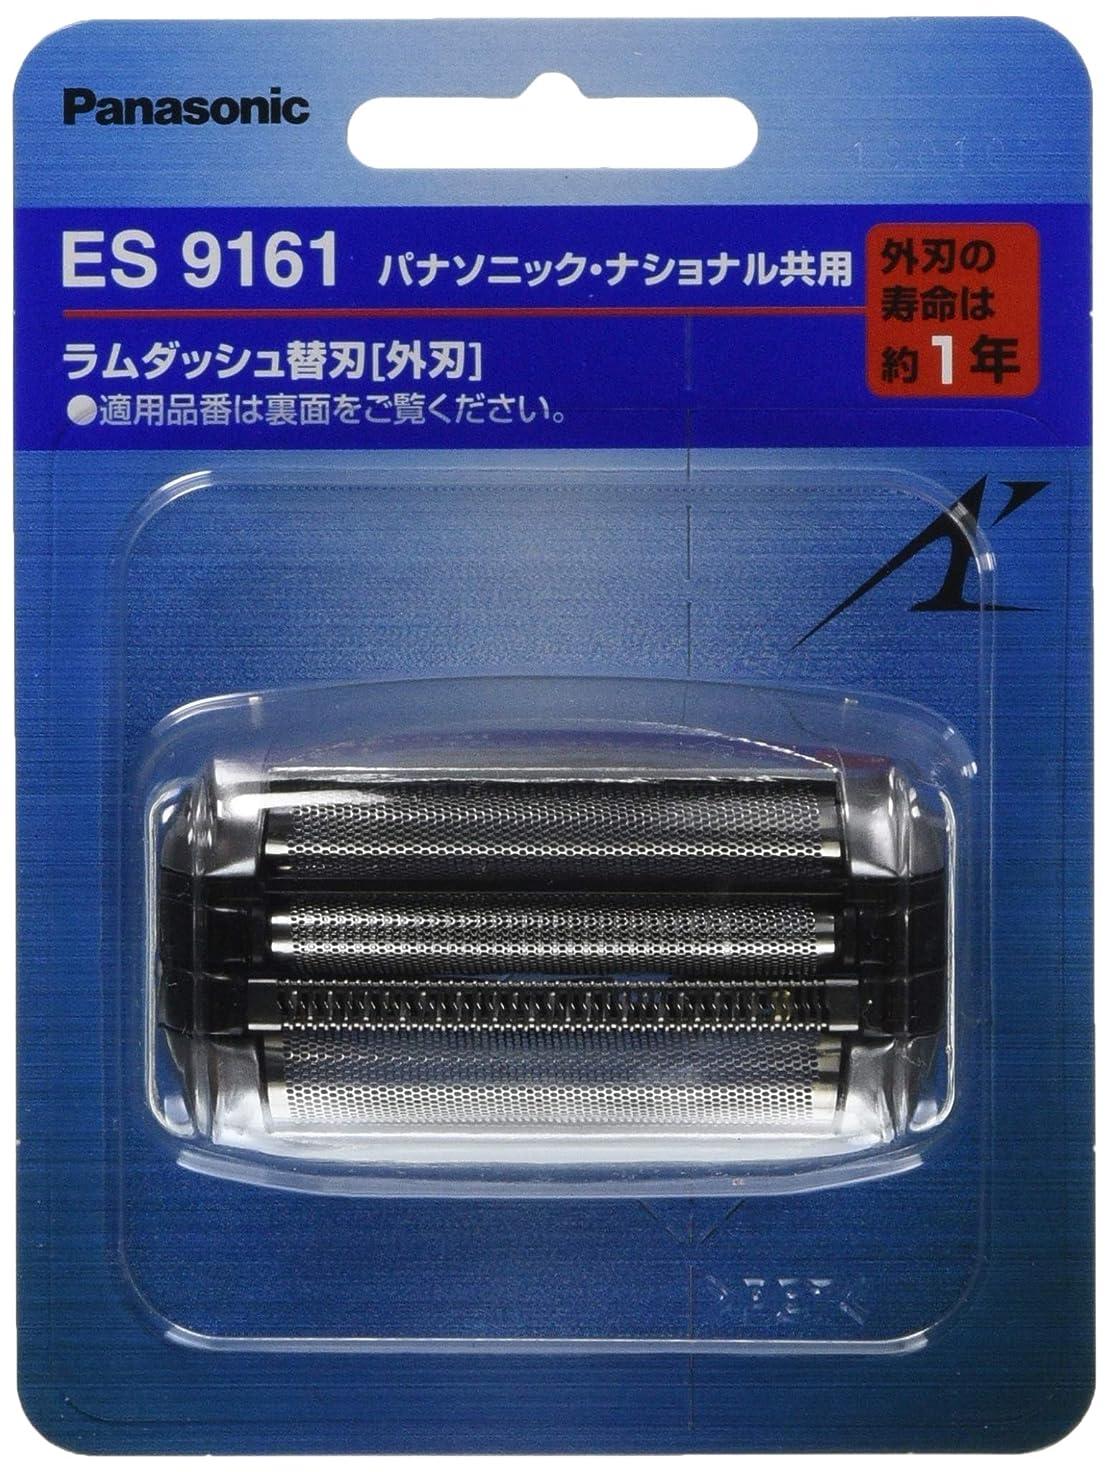 に向かって解釈的羊飼いパナソニック 替刃 メンズシェーバー用 外刃 ES9161